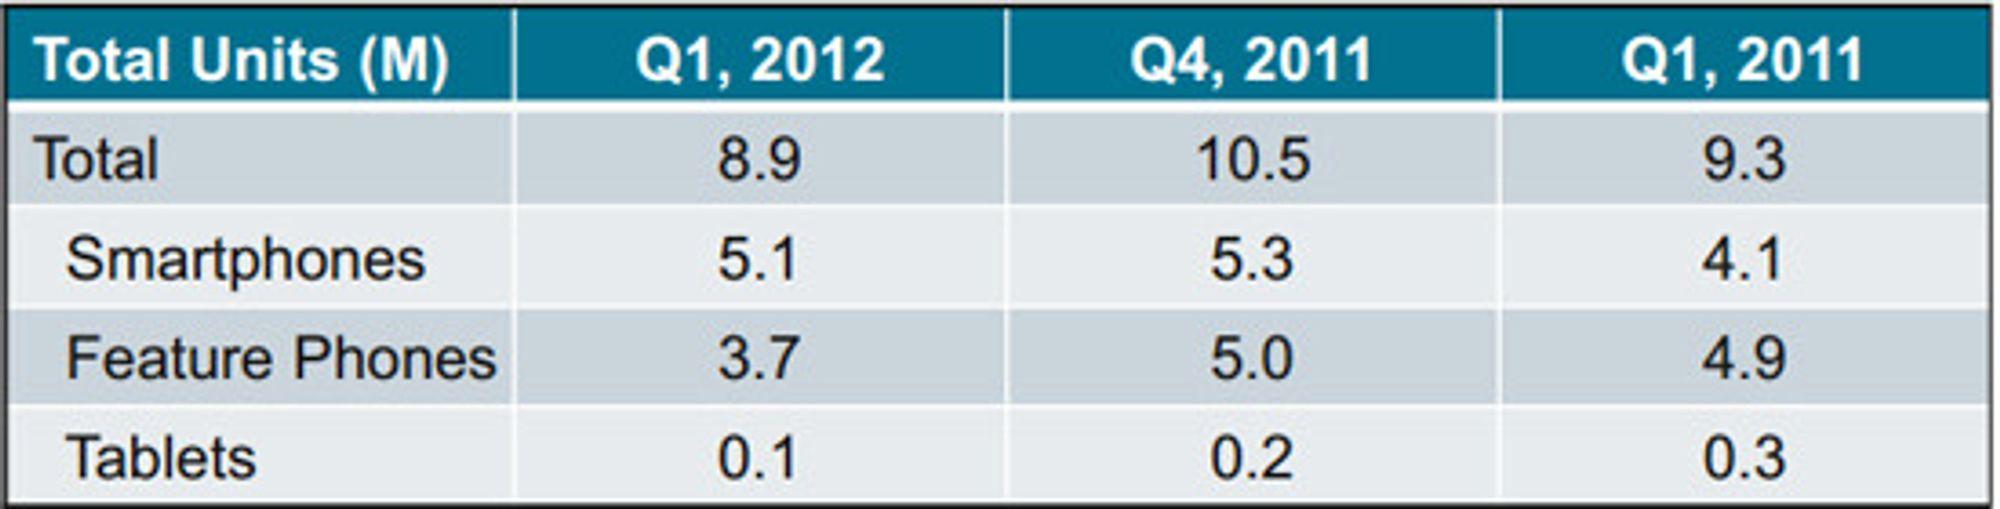 Motorola oppgir disse tallene for salg av mobile enheter.